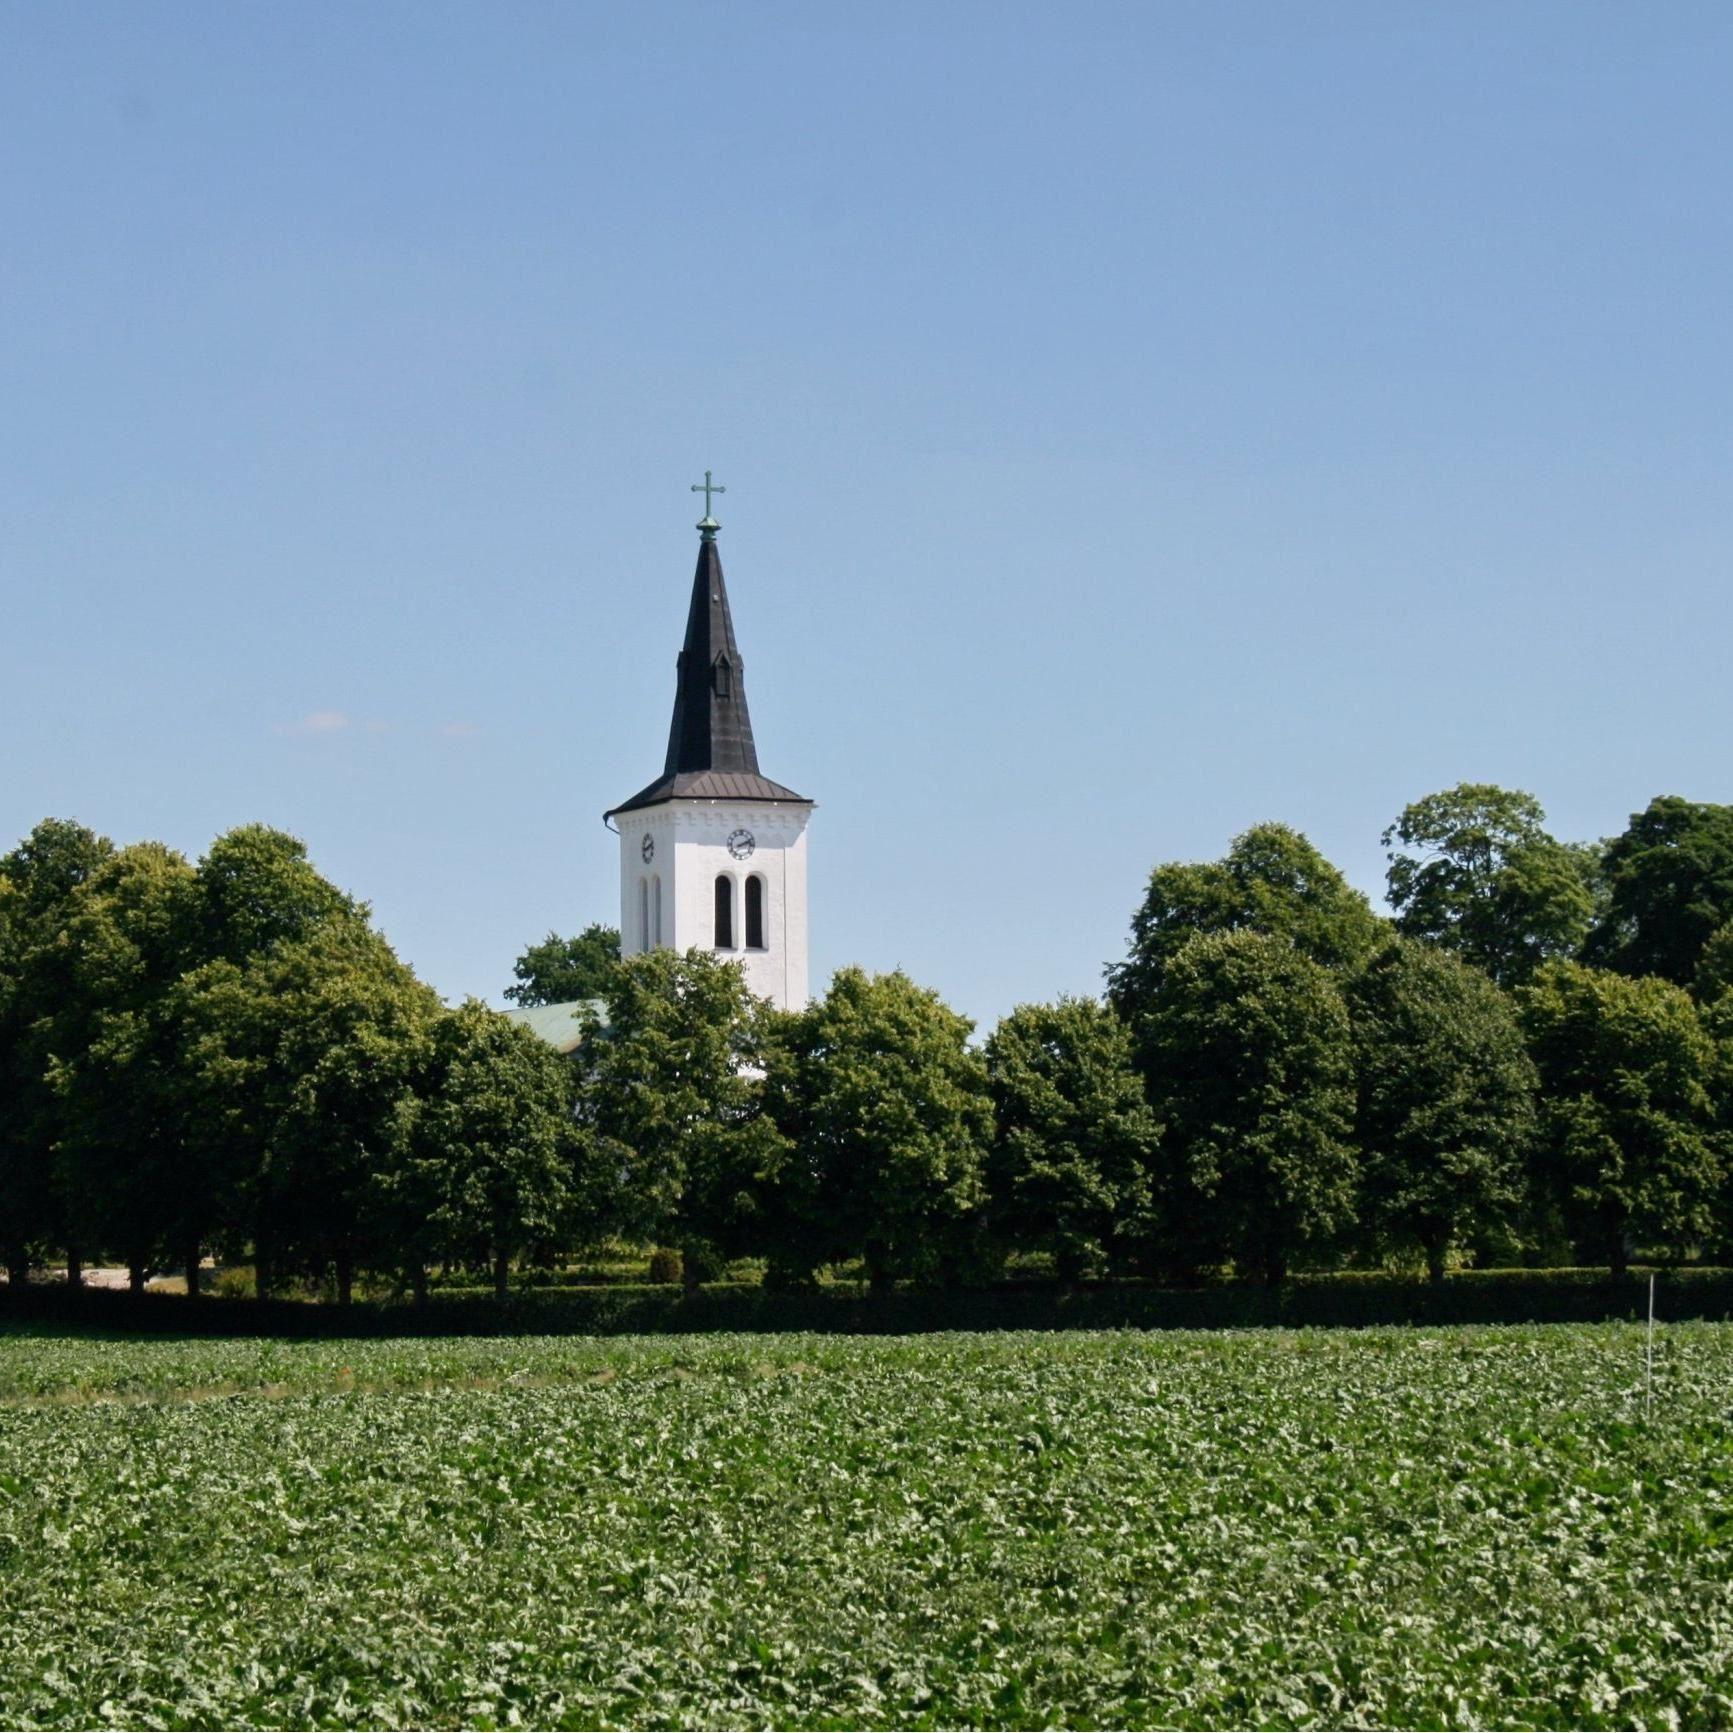 Södervidinge church